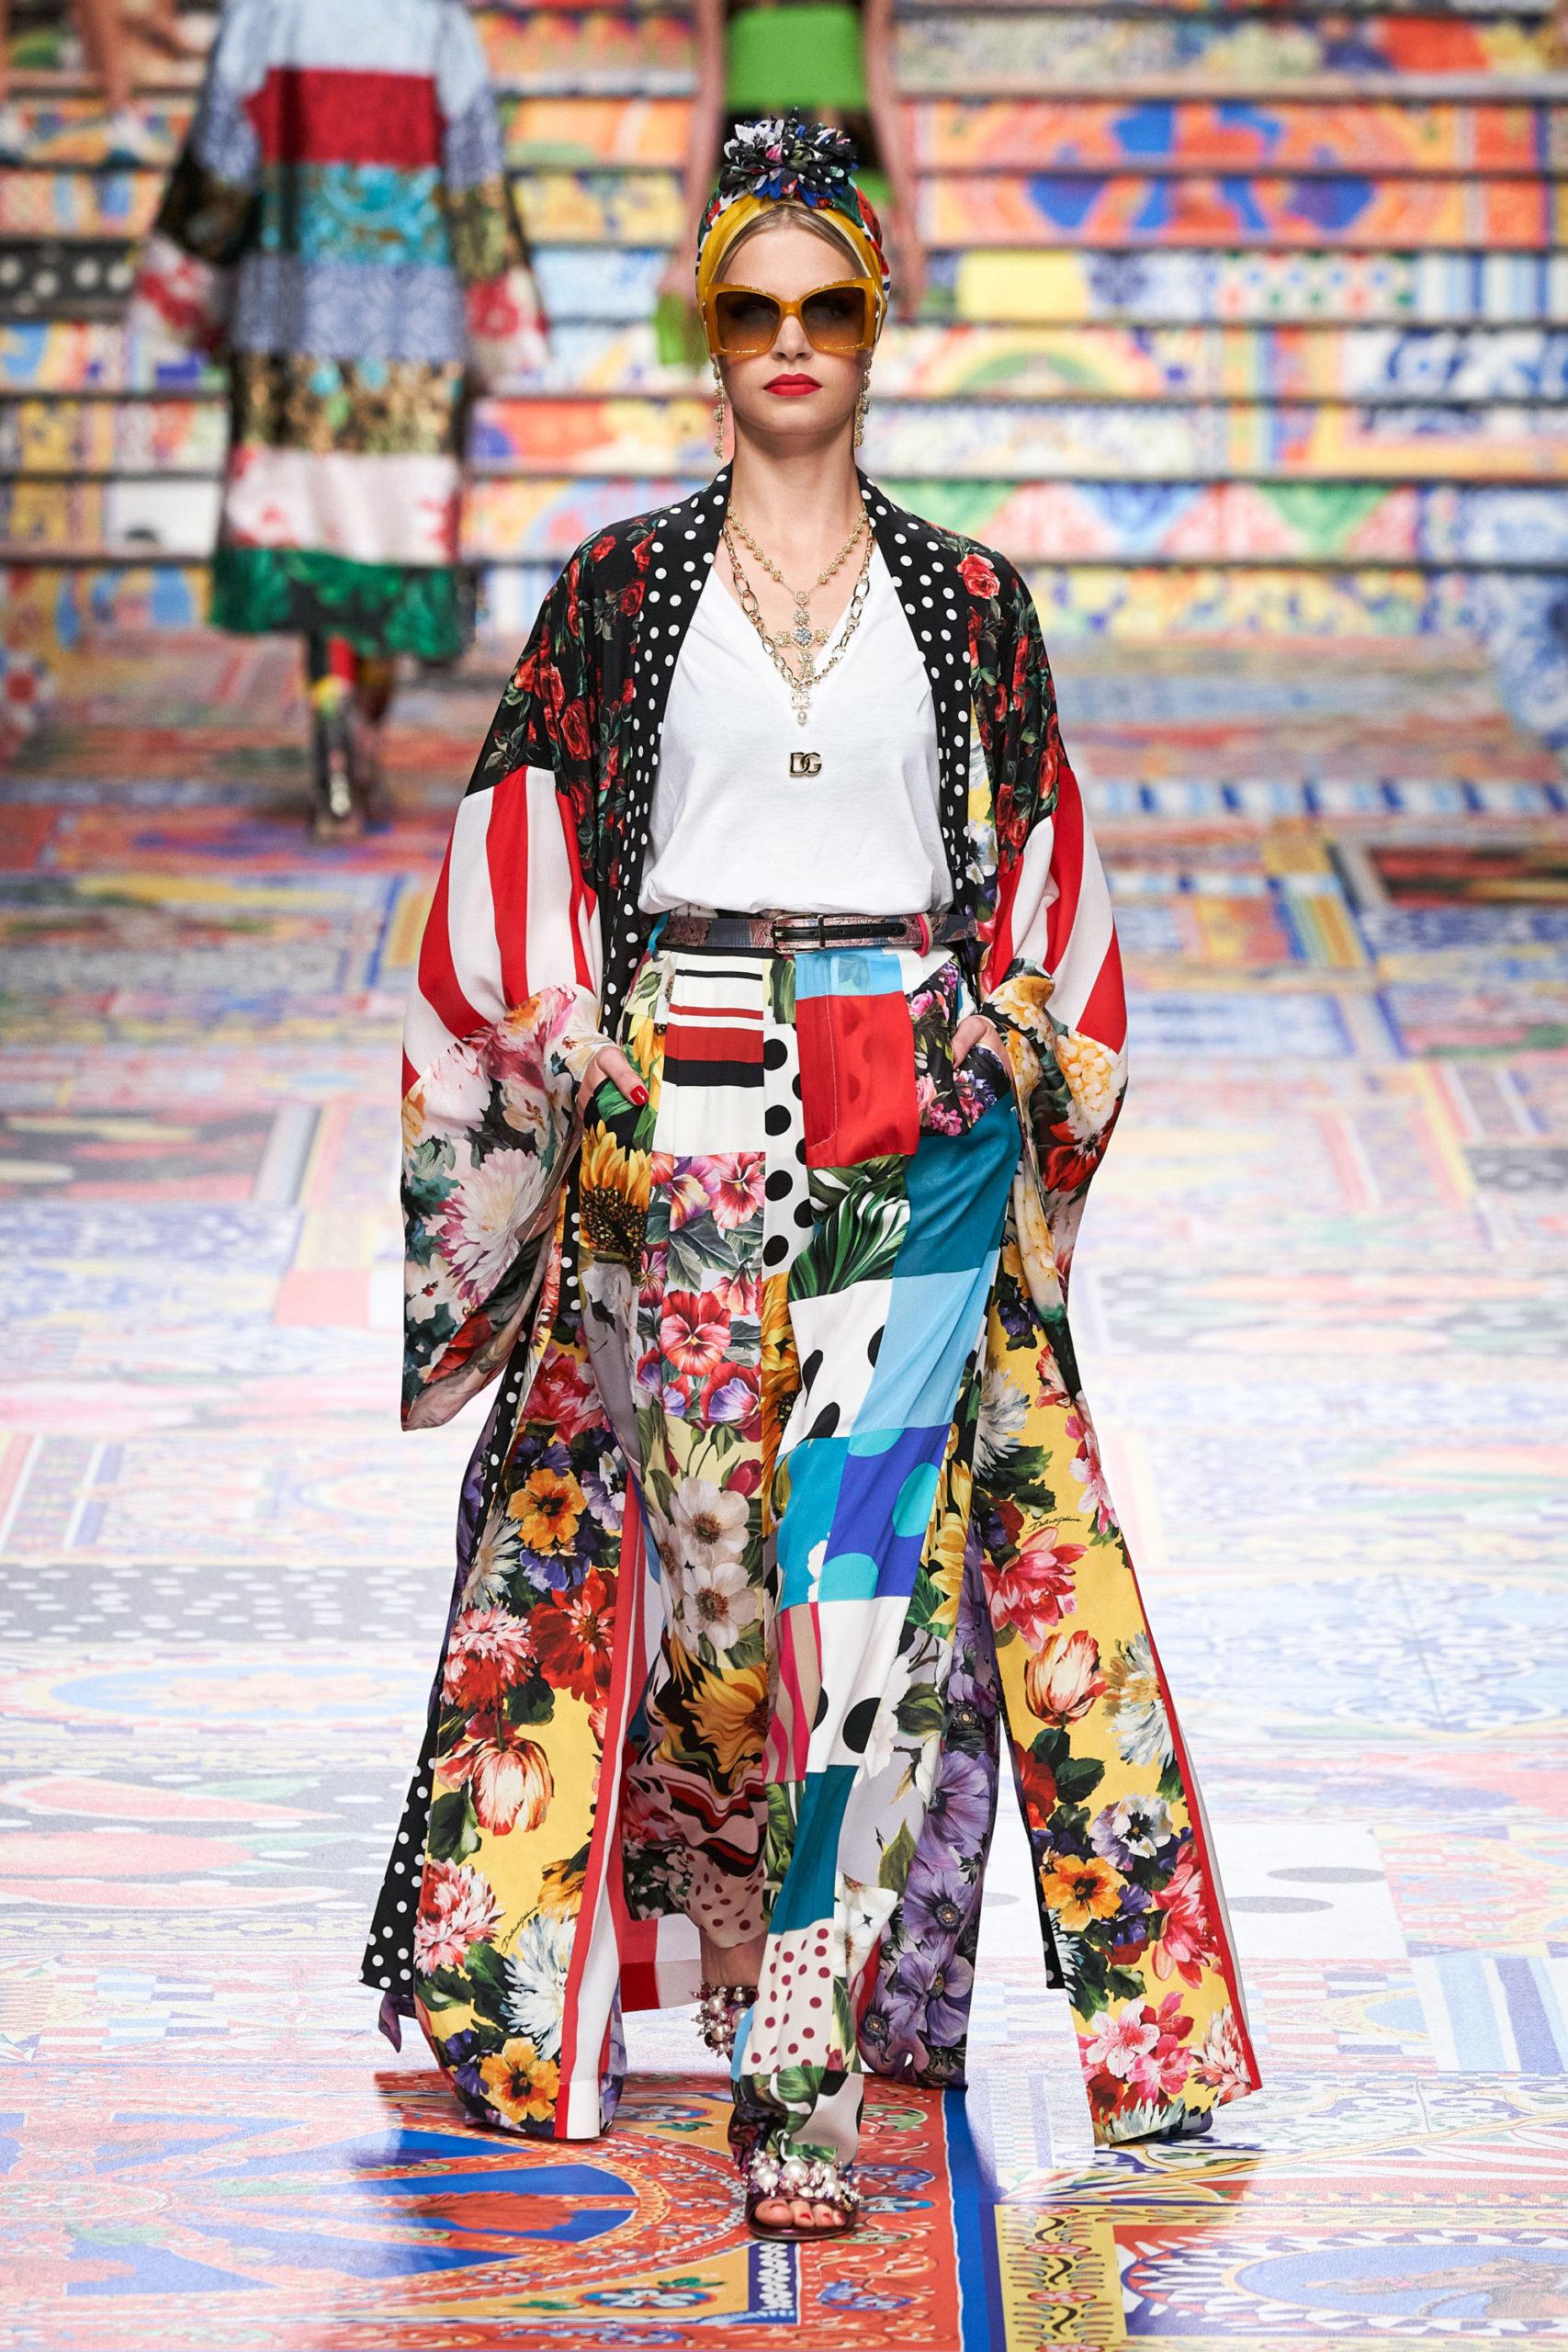 Платье с расклешёнными рукавами от Dolce & Gabbana модель 2021 года